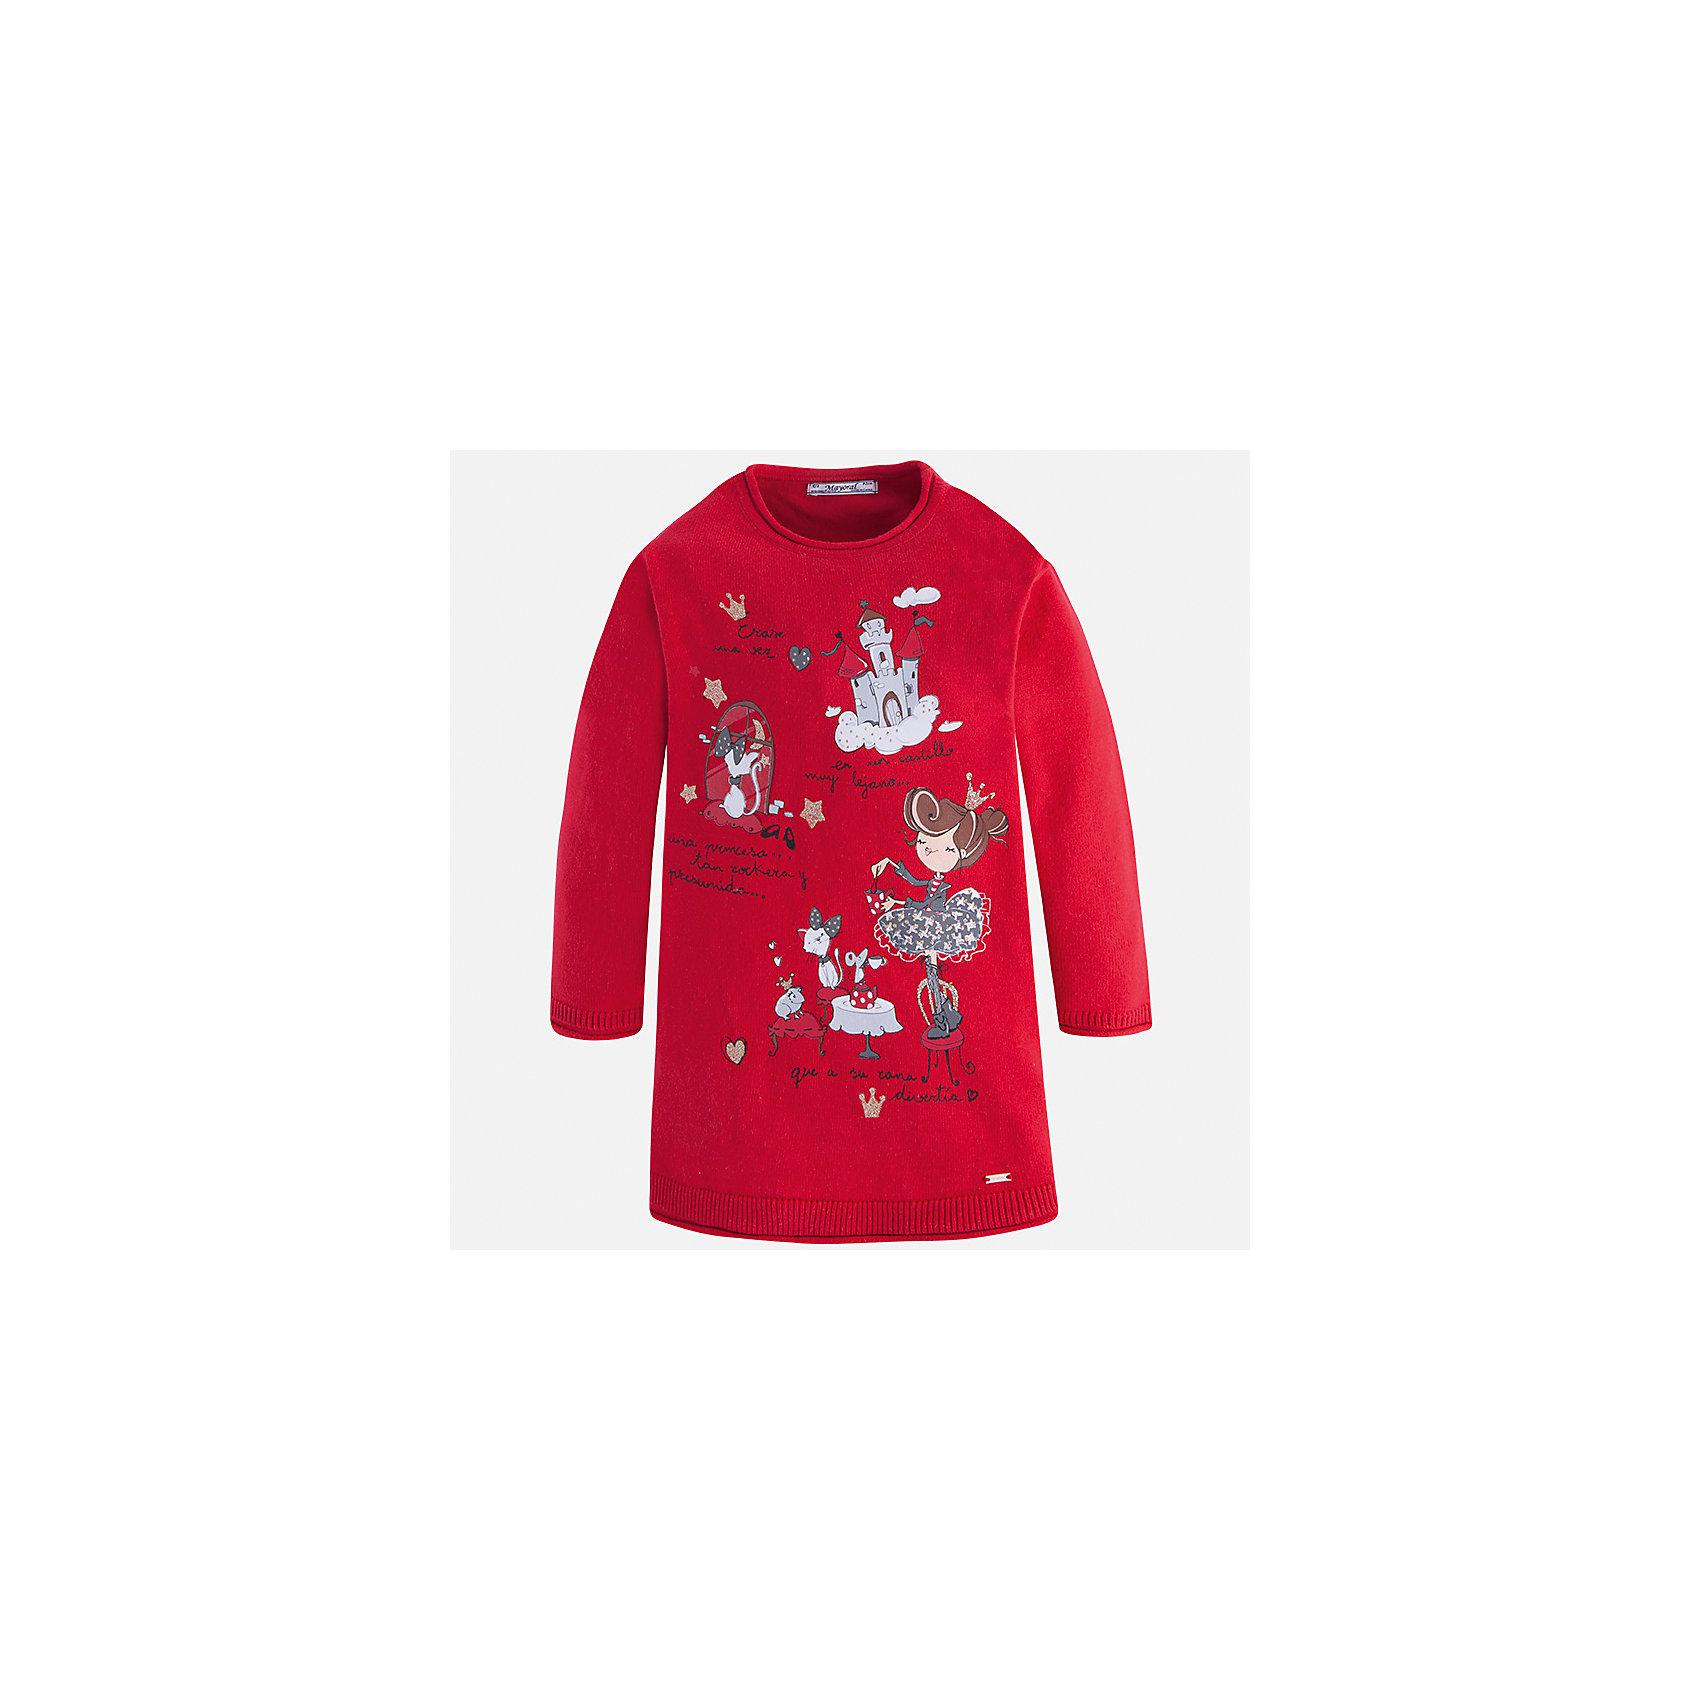 Платье Mayoral для девочкиПлатья и сарафаны<br>Характеристики товара:<br><br>• цвет: красный<br>• состав ткани: 55% хлопок, 45% акрил<br>• сезон: круглый год<br>• длинные рукава<br>• прямой силуэт<br>• страна бренда: Испания<br>• страна изготовитель: Индия<br><br>Красное трикотажное детское платье от бренда Майорал поможет девочке выглядеть красиво и чувствовать себя комфортно. Такое детское платье отличается интересным фасоном и отделкой. <br><br>Для производства детской одежды популярный бренд Mayoral использует только качественную фурнитуру и материалы. Оригинальные и модные вещи от Майорал неизменно привлекают внимание и нравятся детям.<br><br>Платье для девочки Mayoral (Майорал) можно купить в нашем интернет-магазине.<br><br>Ширина мм: 236<br>Глубина мм: 16<br>Высота мм: 184<br>Вес г: 177<br>Цвет: красный<br>Возраст от месяцев: 96<br>Возраст до месяцев: 108<br>Пол: Женский<br>Возраст: Детский<br>Размер: 134,92,98,104,110,116,122,128<br>SKU: 6923365